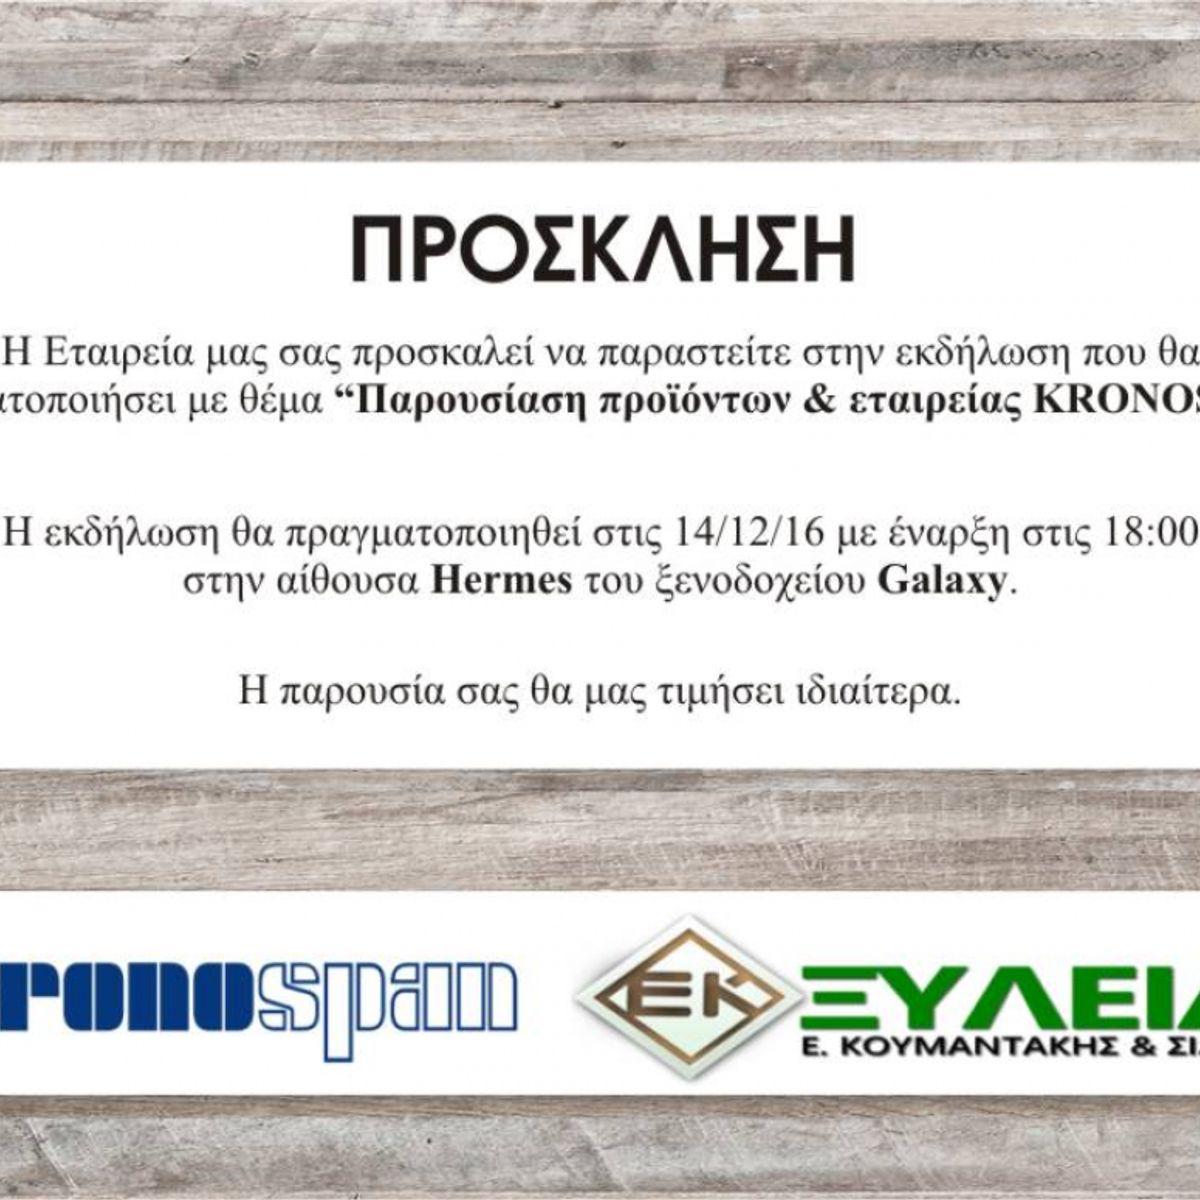 Προσκλήσεις - inv7641